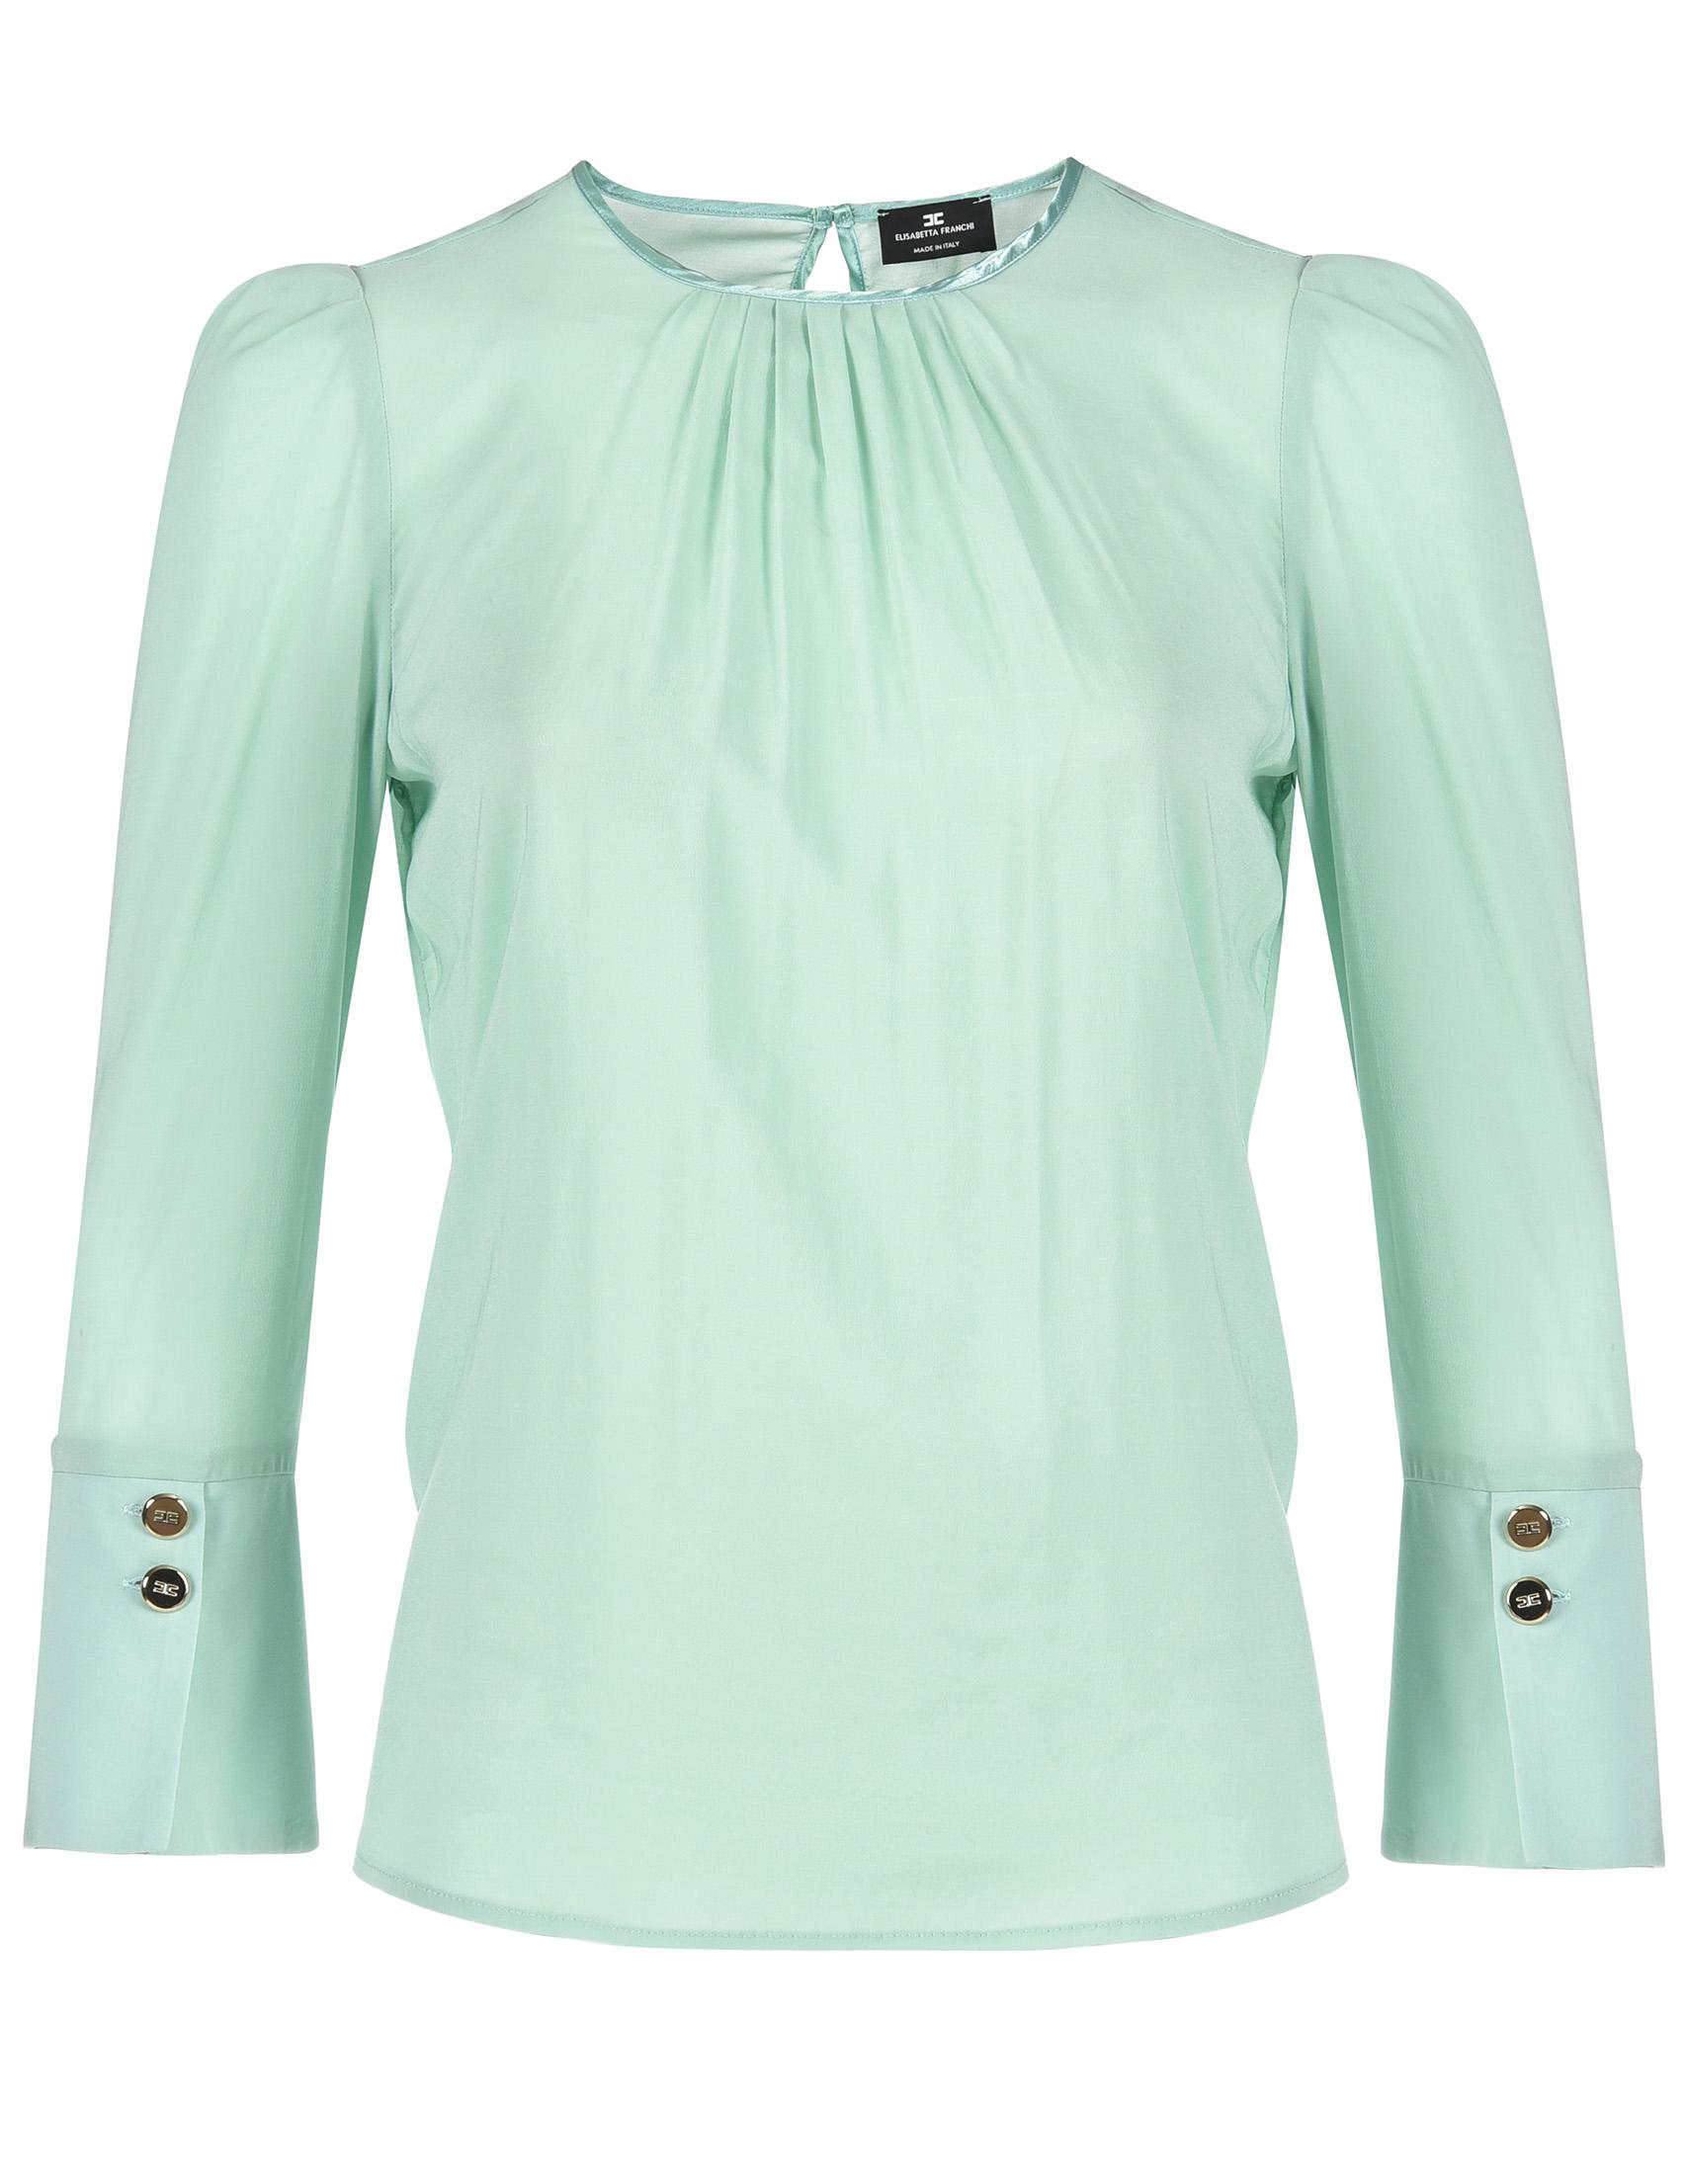 Купить Блузы, Блуза, ELISABETTA FRANCHI, Зеленый, 92%Вискоза 8%Эластан, Весна-Лето